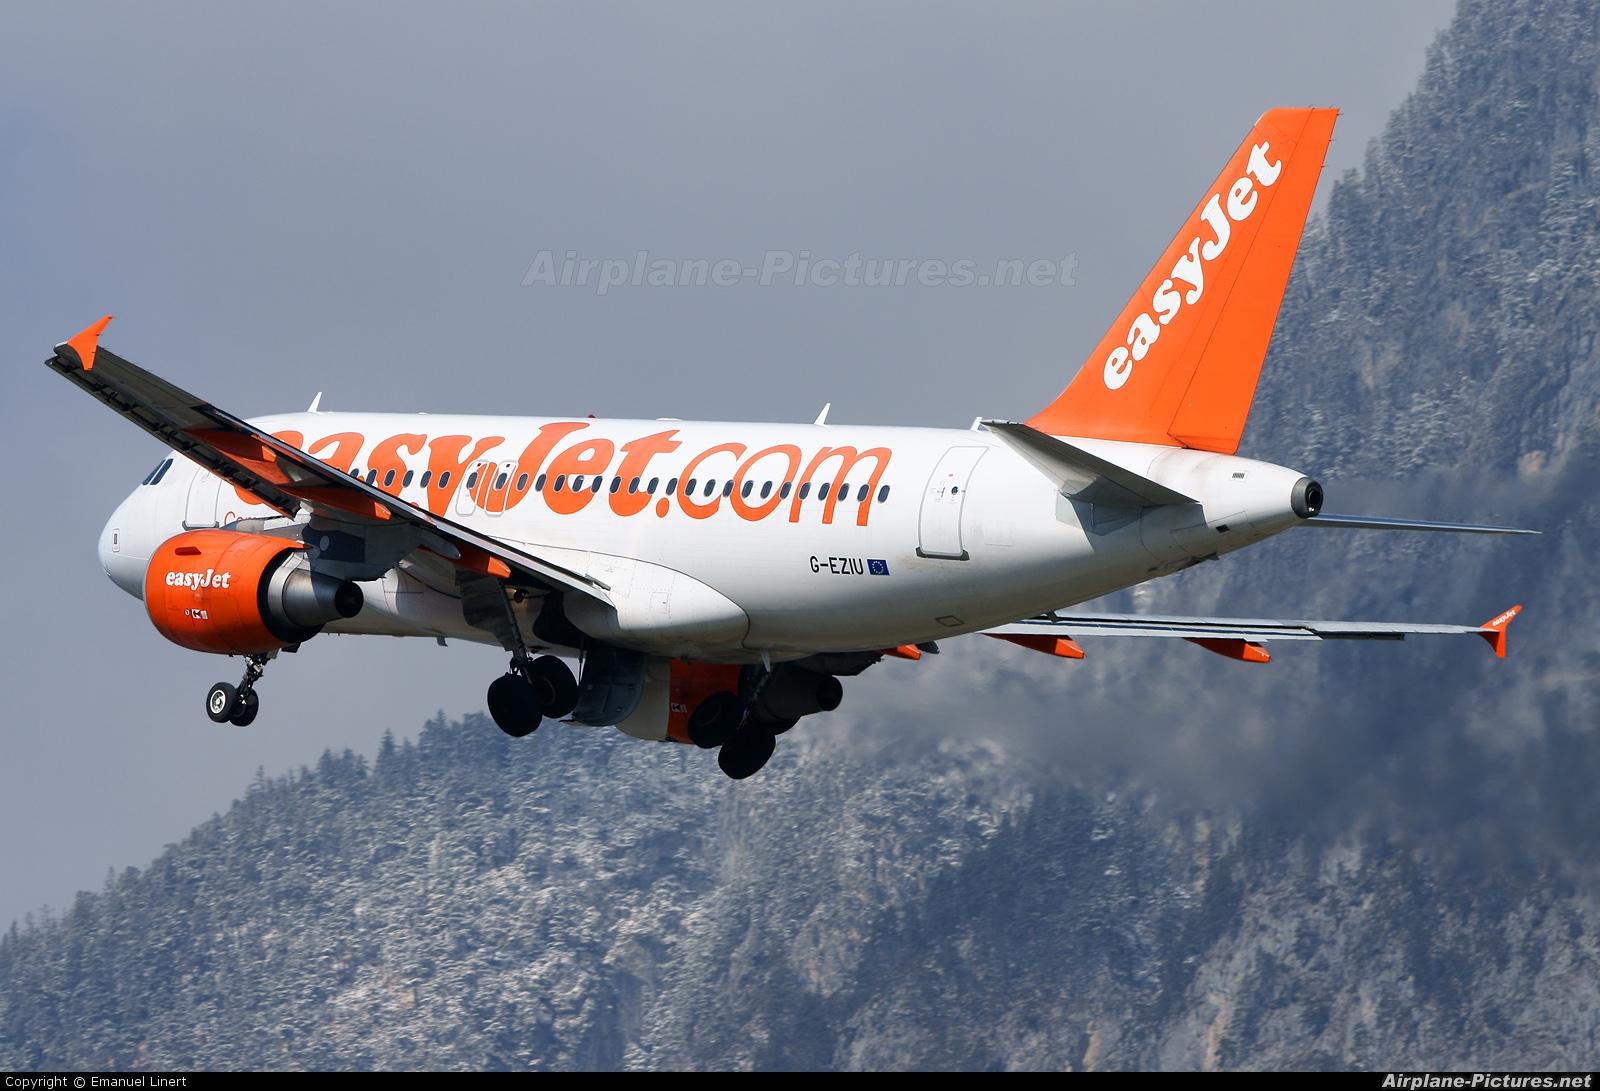 easyJet G-EZIU aircraft at Innsbruck